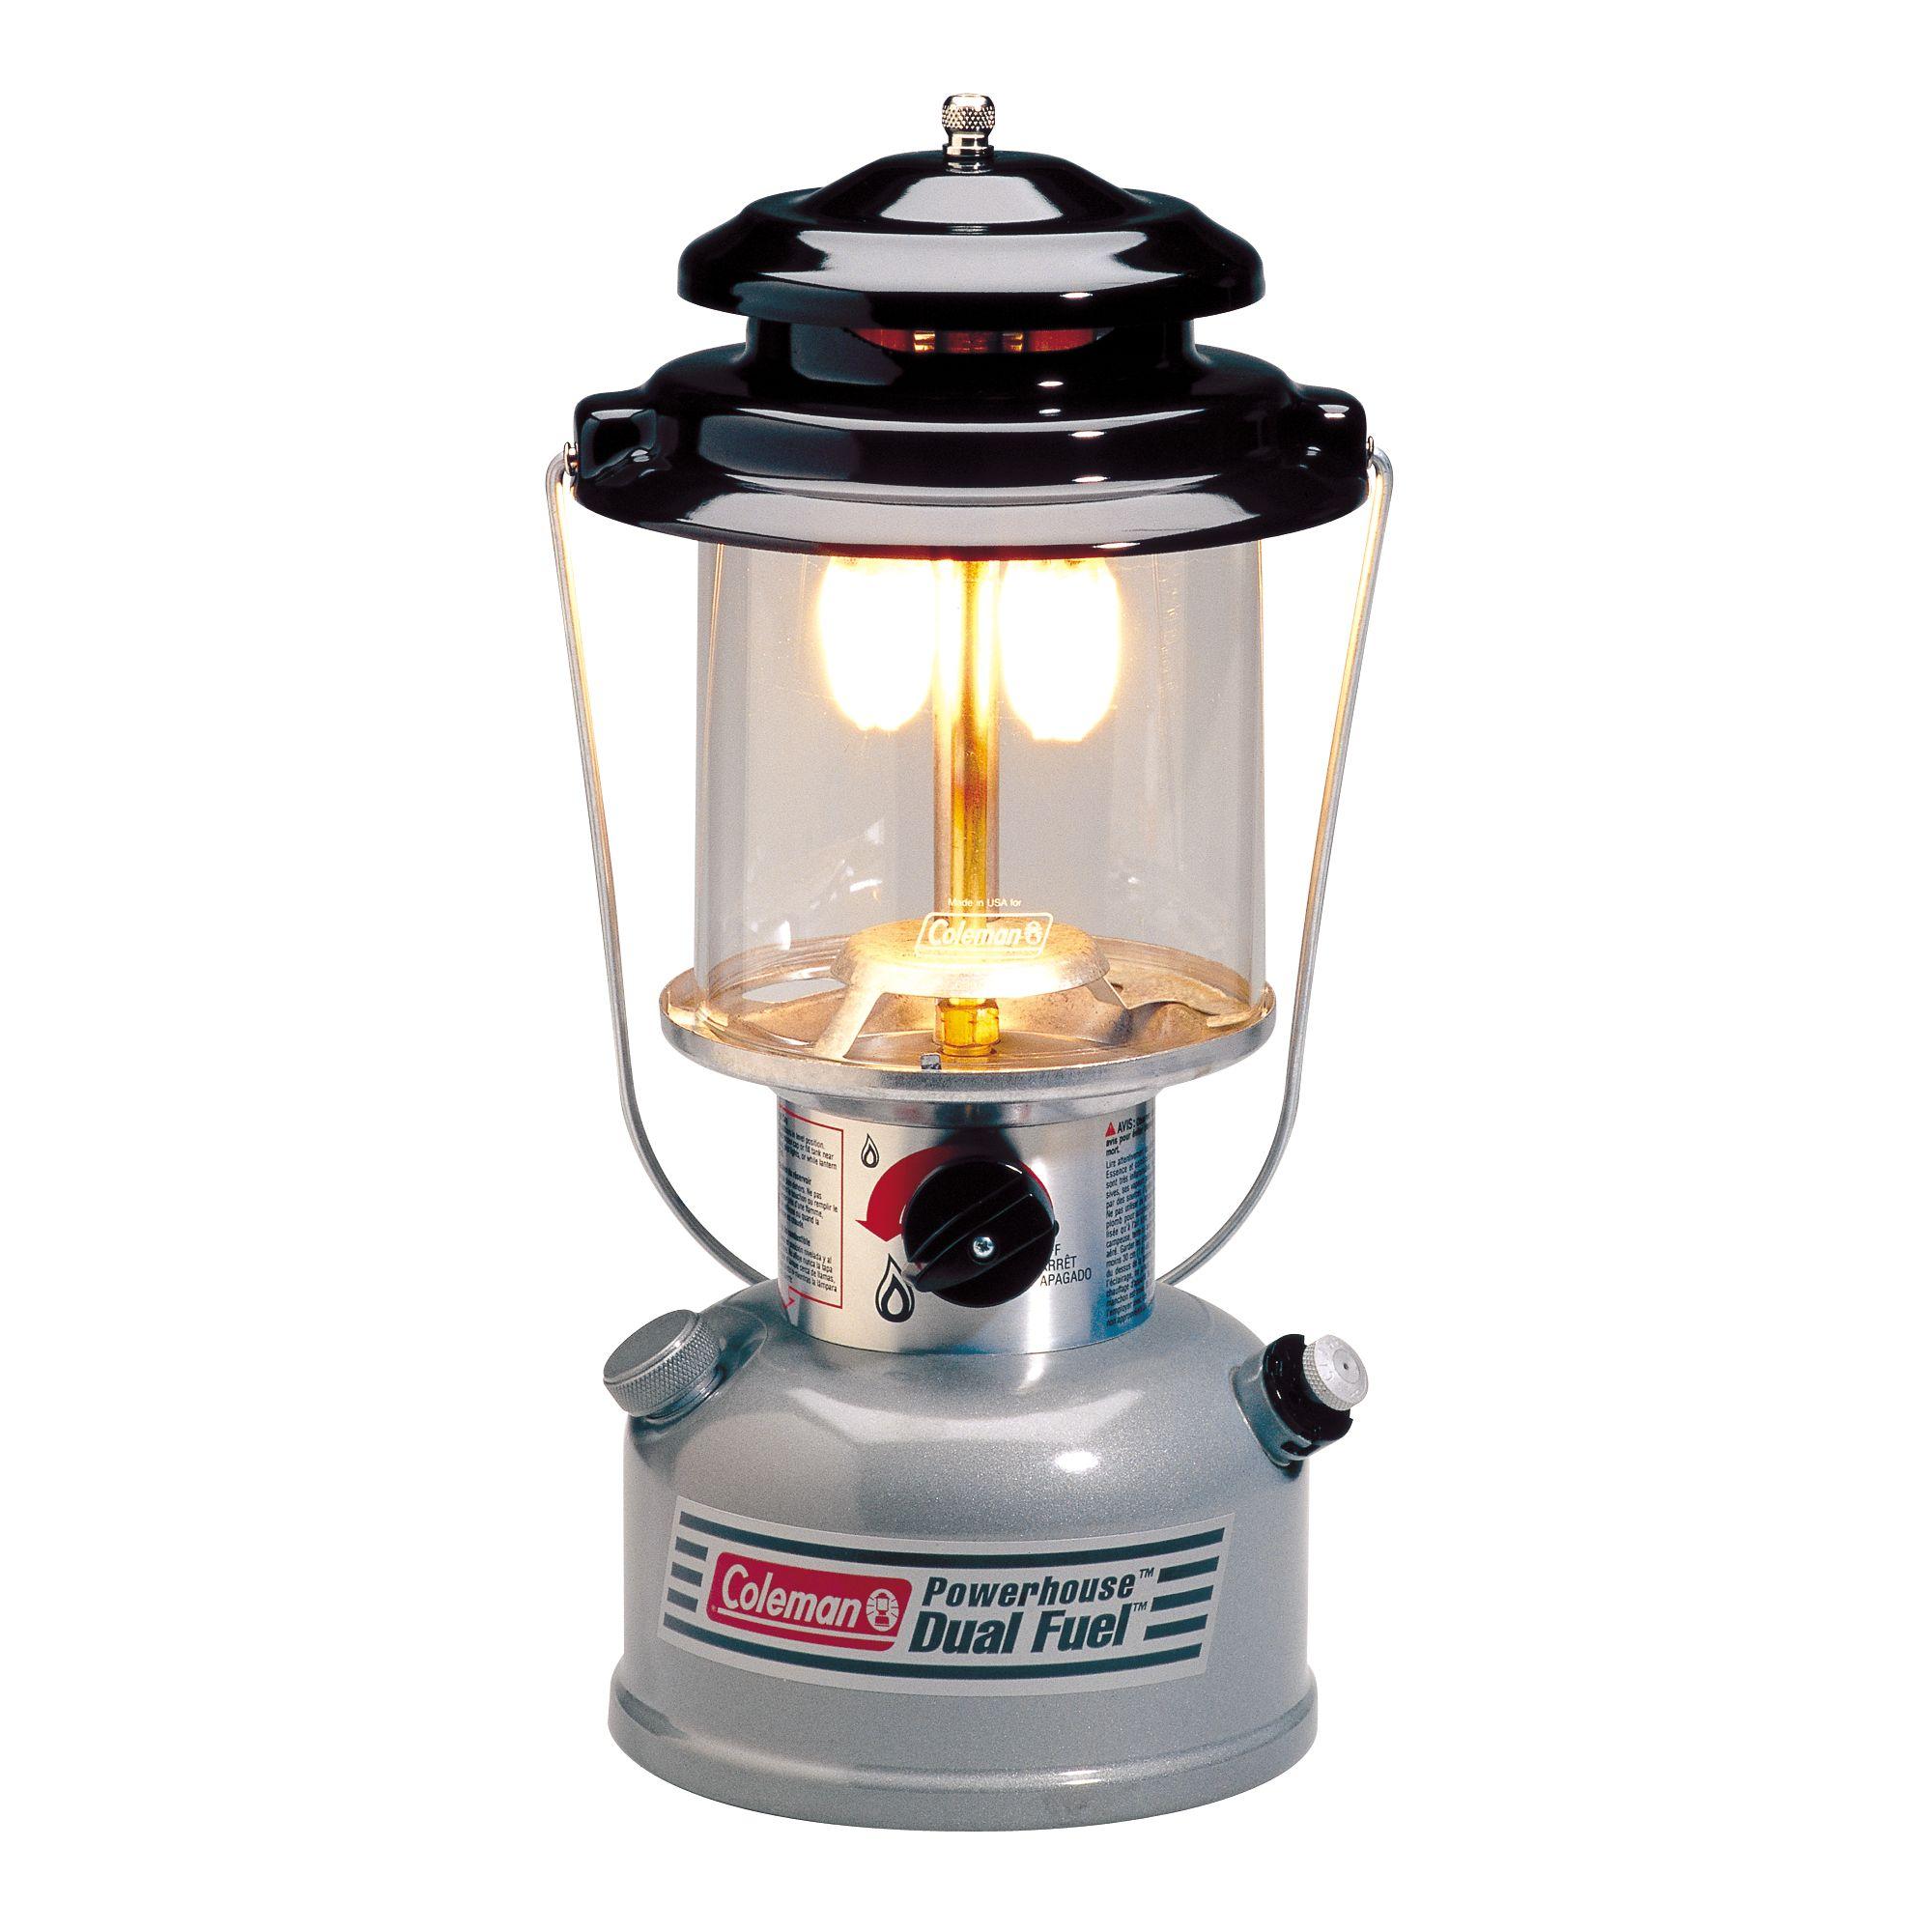 Premium powerhouse dual fuel lantern coleman premium powerhouse dual fuel lantern mozeypictures Images